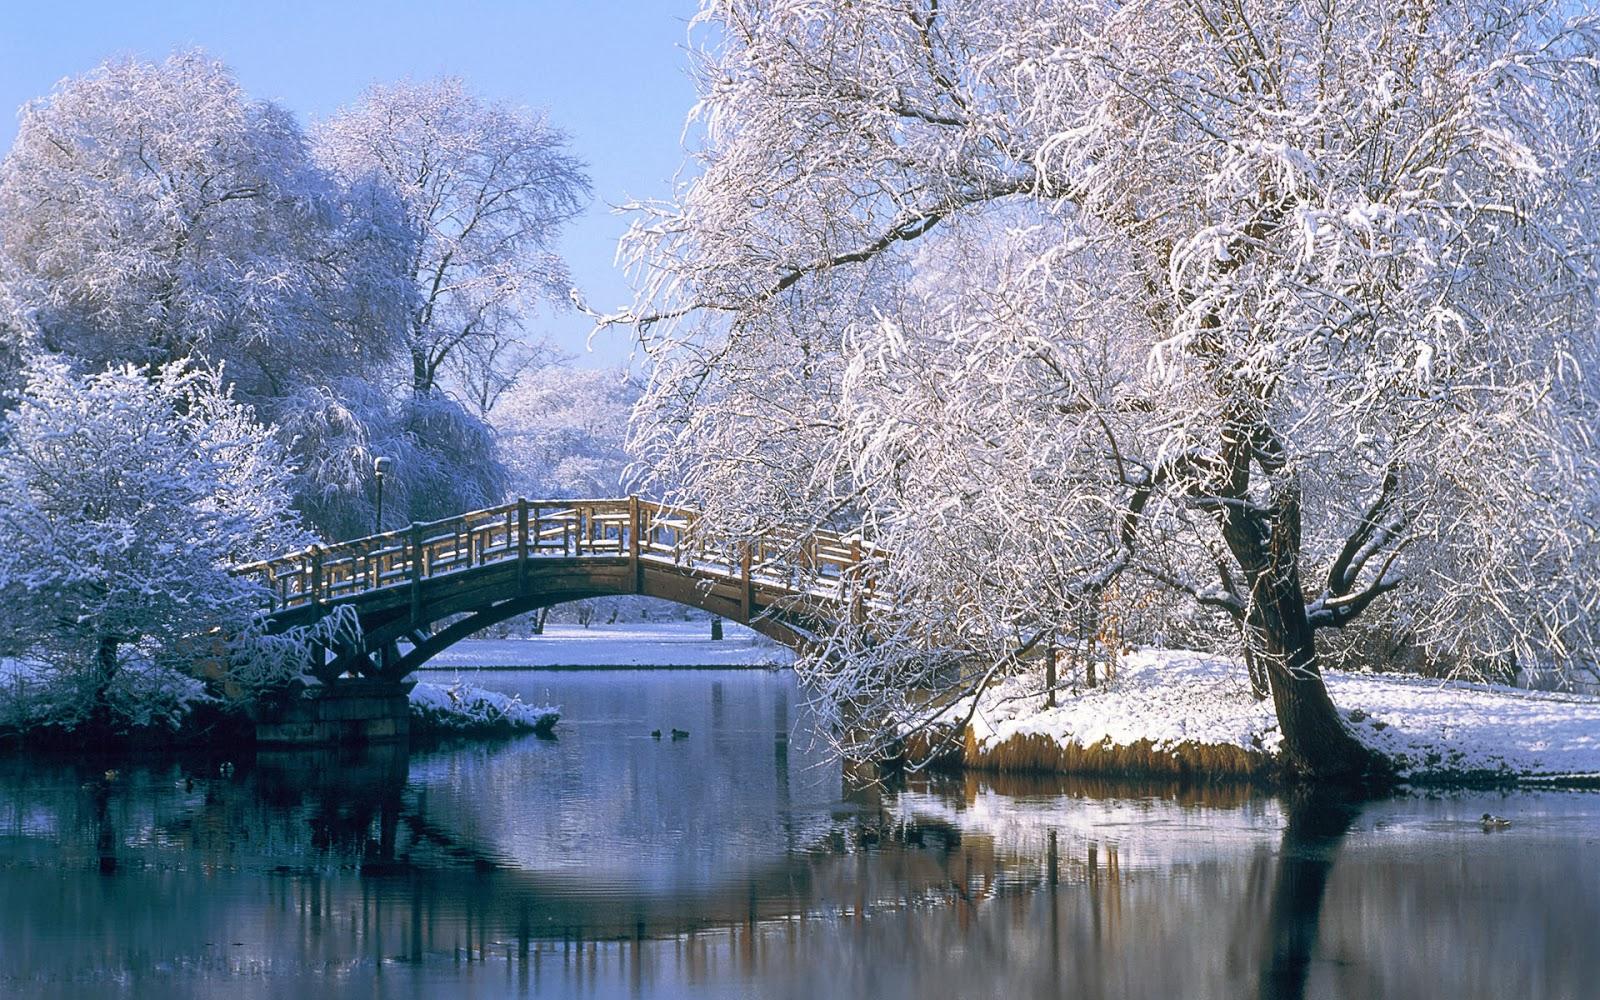 desktop backgrounds 4u winter scenes